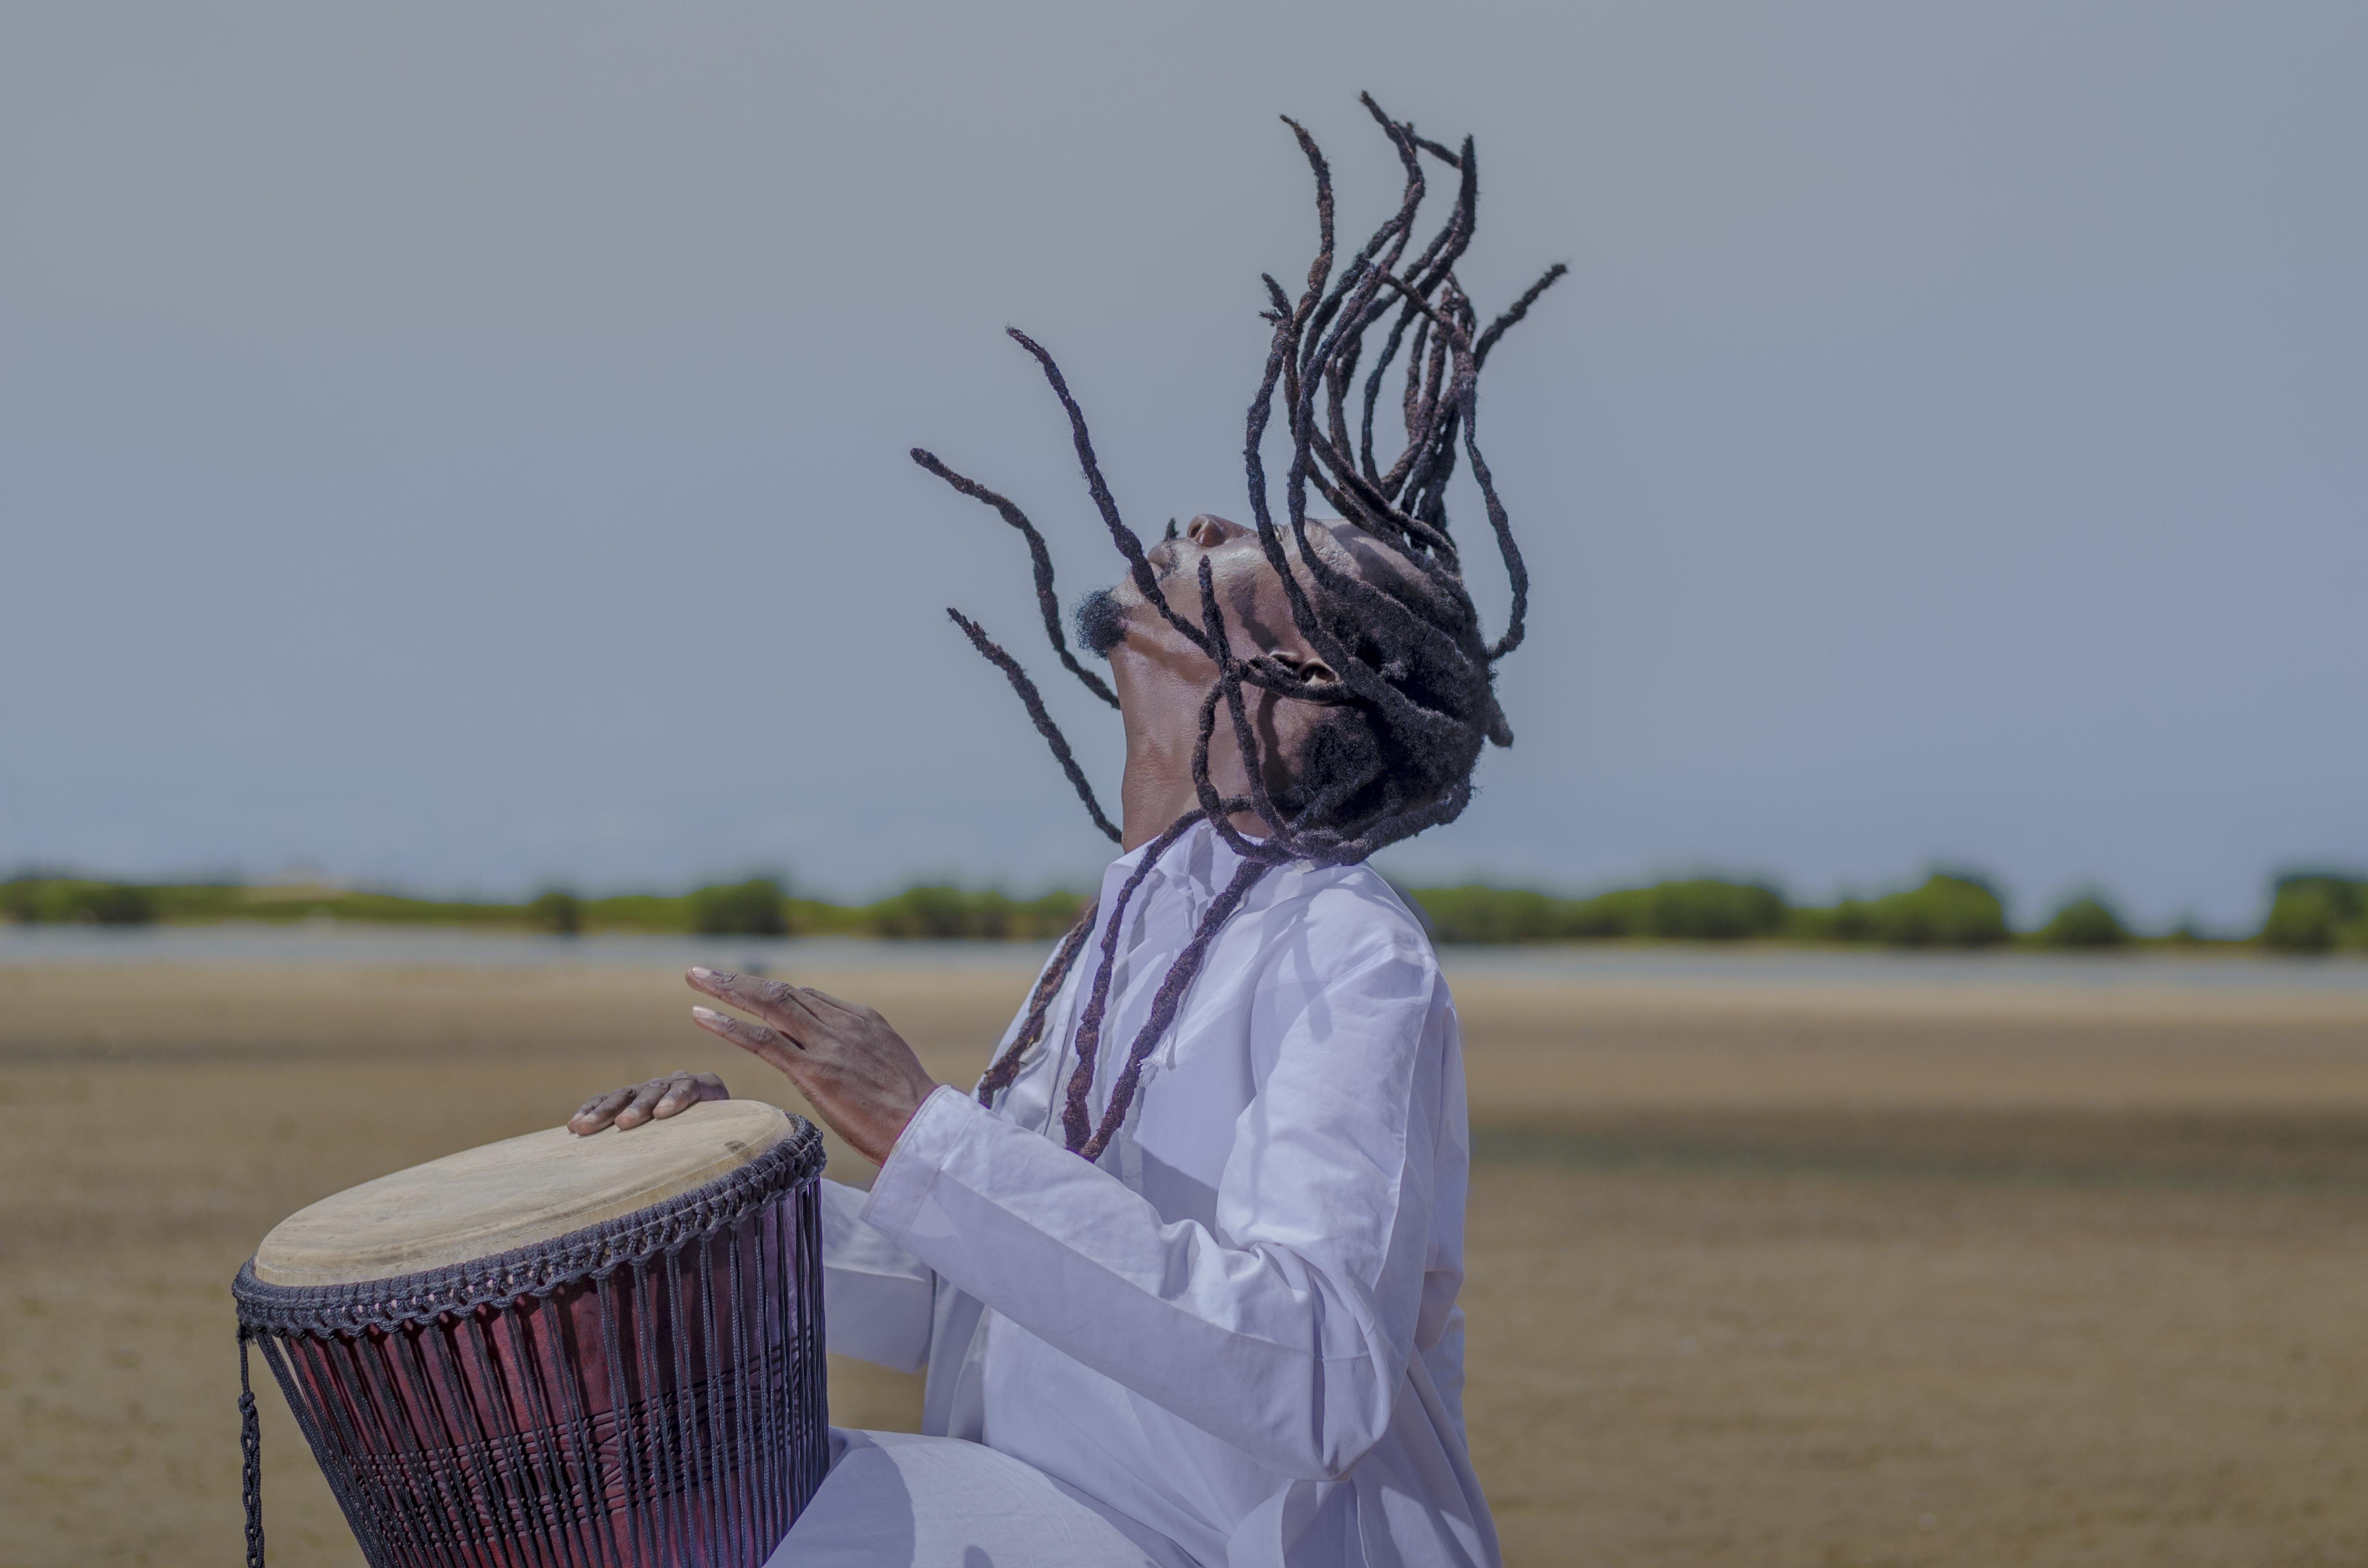 man playing musical drum